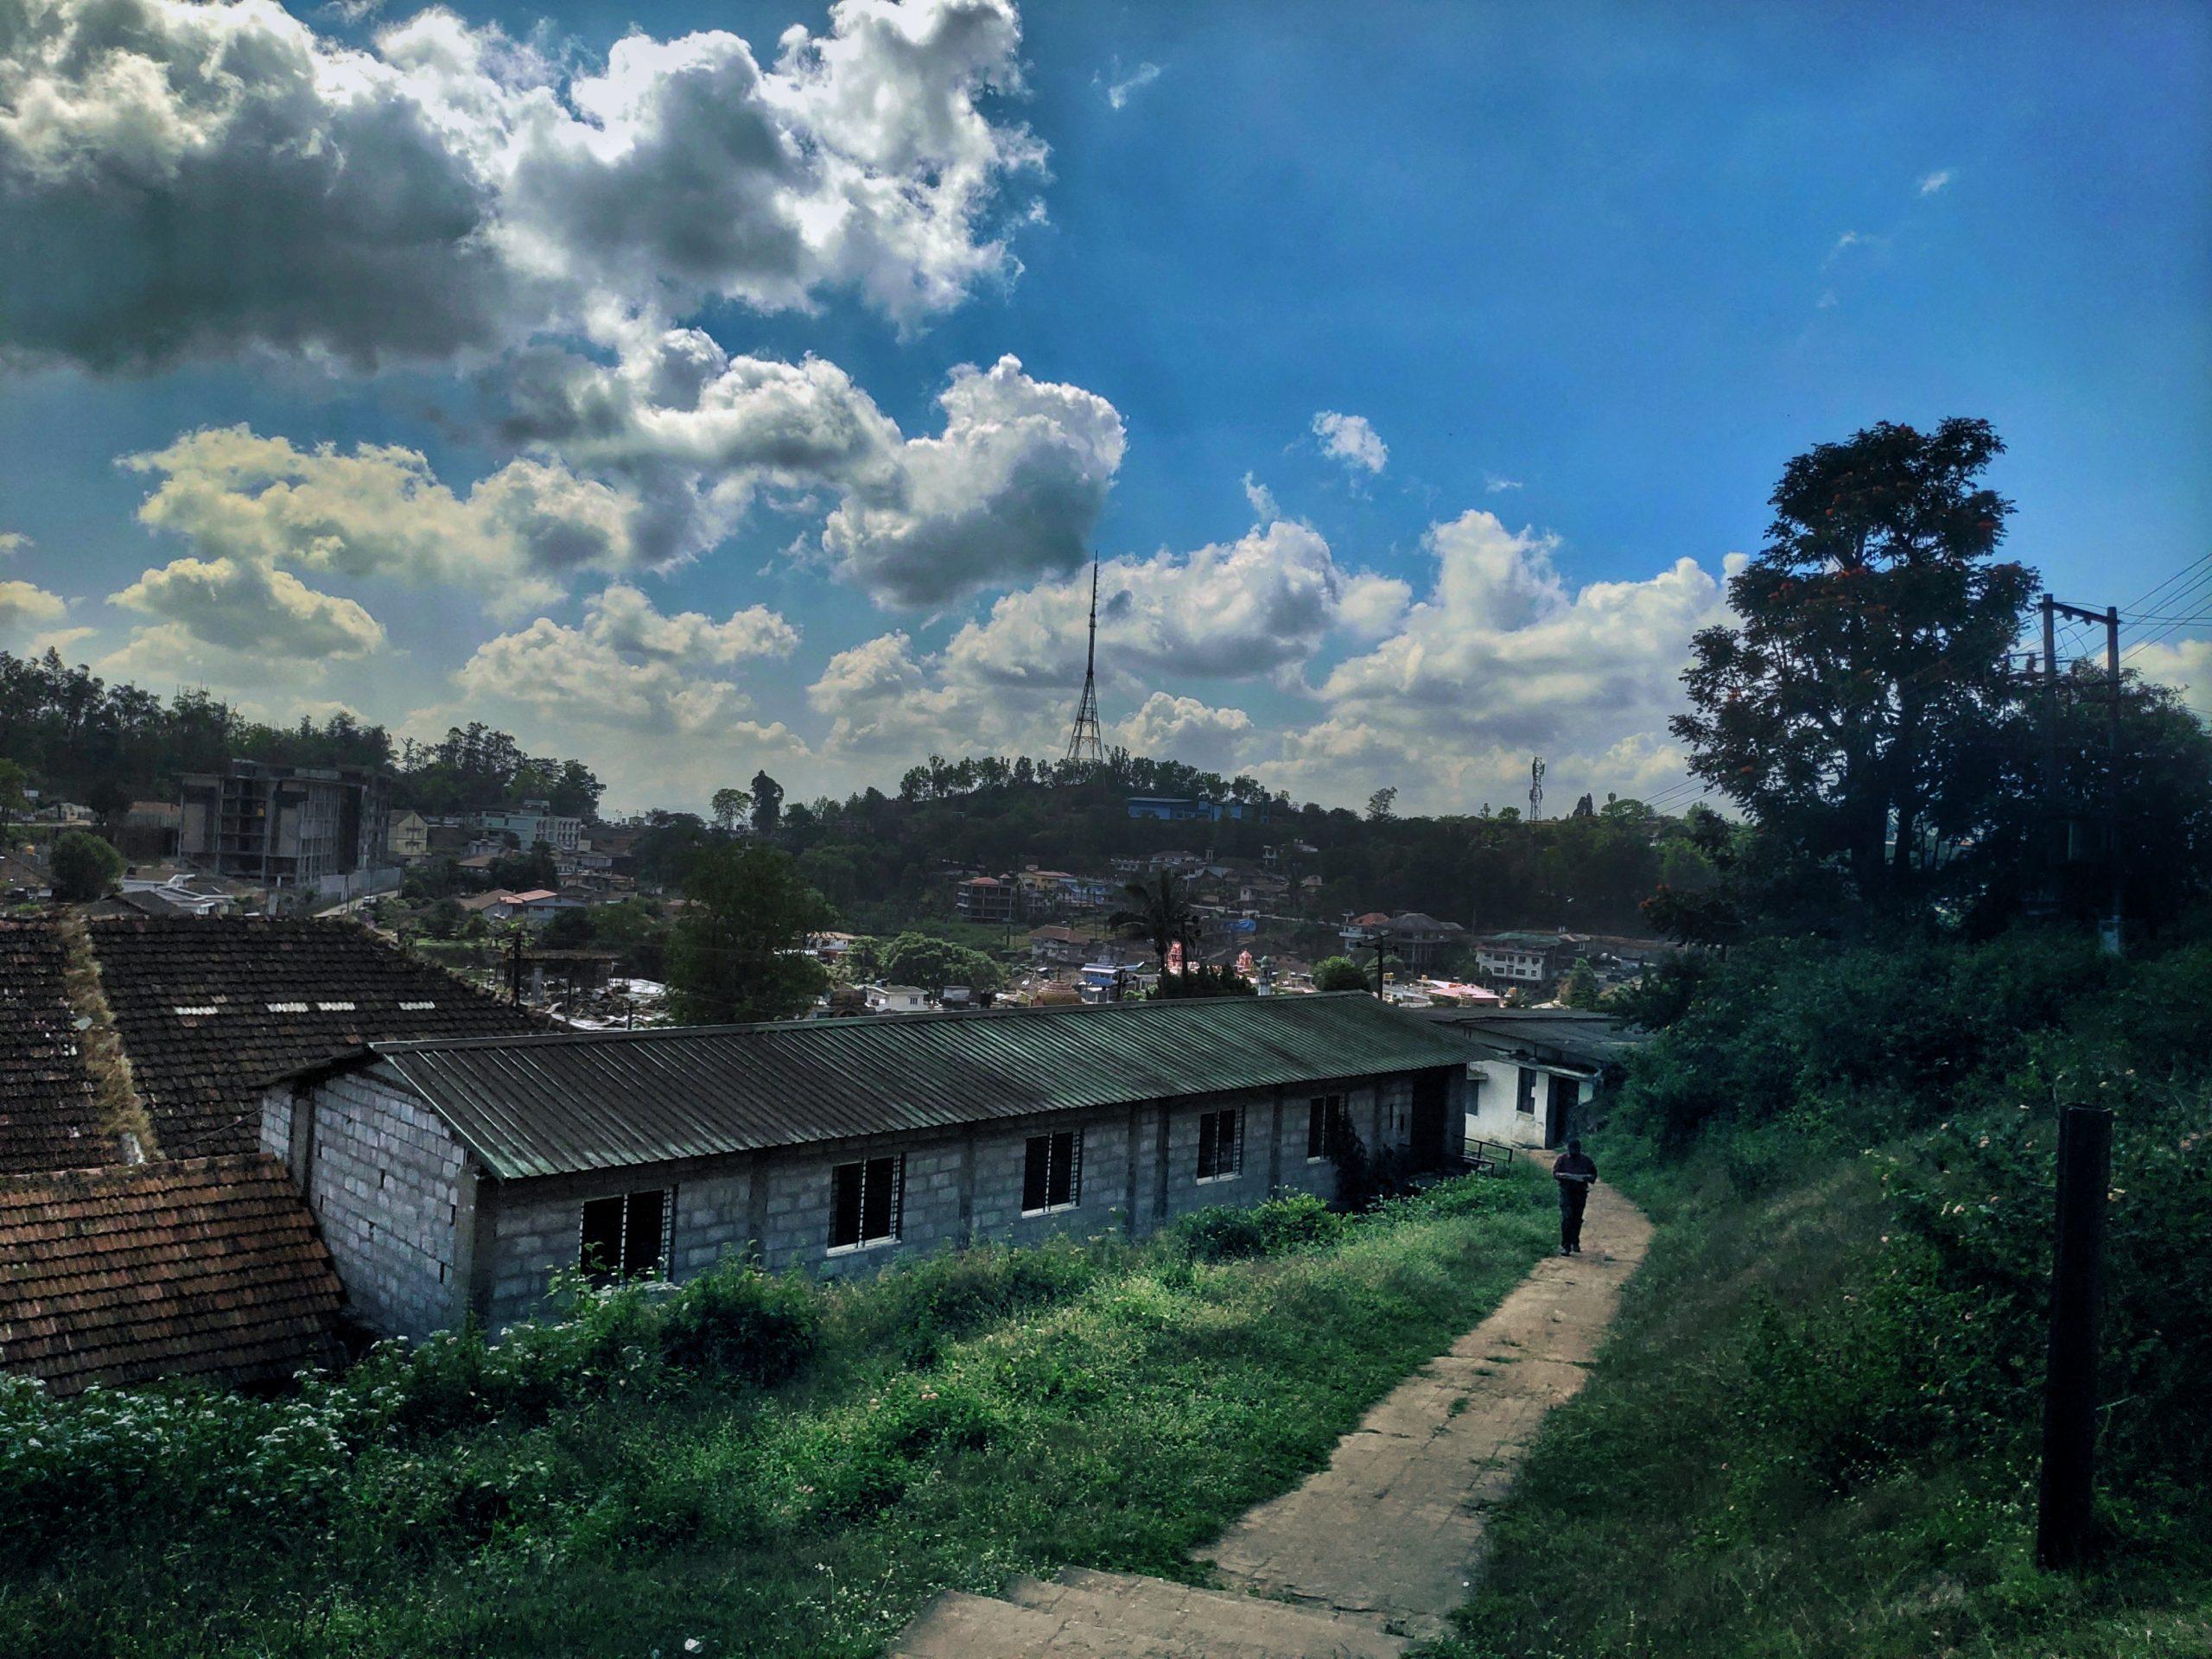 Madikeri, Kodagu district, Karnataka